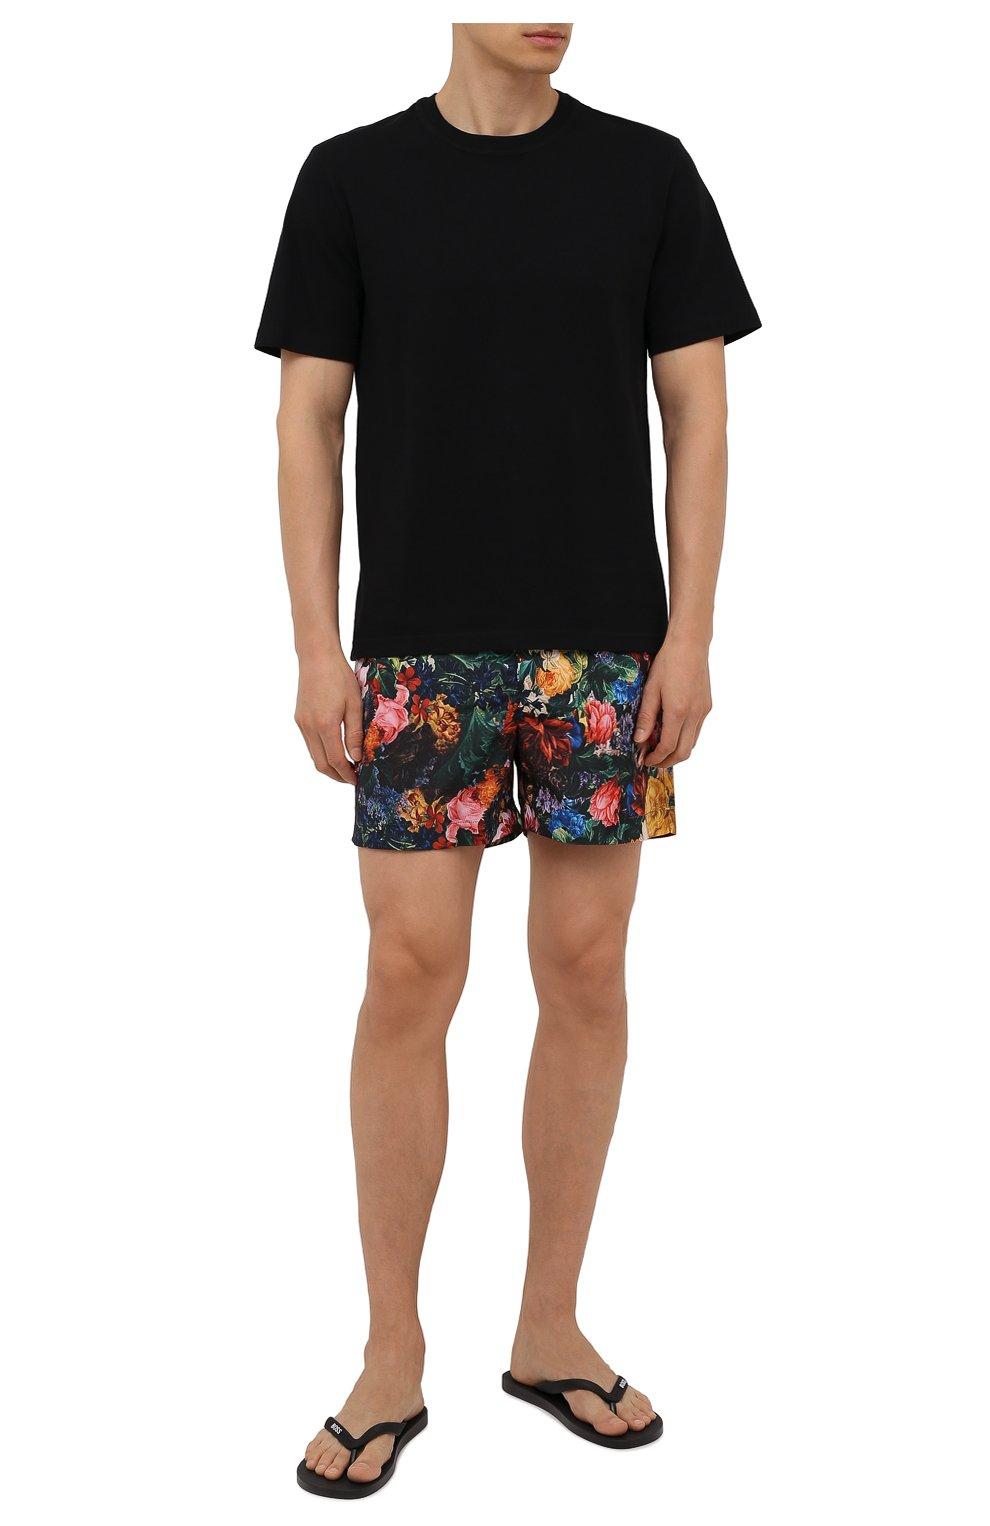 Мужские плавки-шорты ORLEBAR BROWN разноцветного цвета, арт. 274187 | Фото 2 (Материал внешний: Синтетический материал; Принт: С принтом; Мужское Кросс-КТ: плавки-шорты)